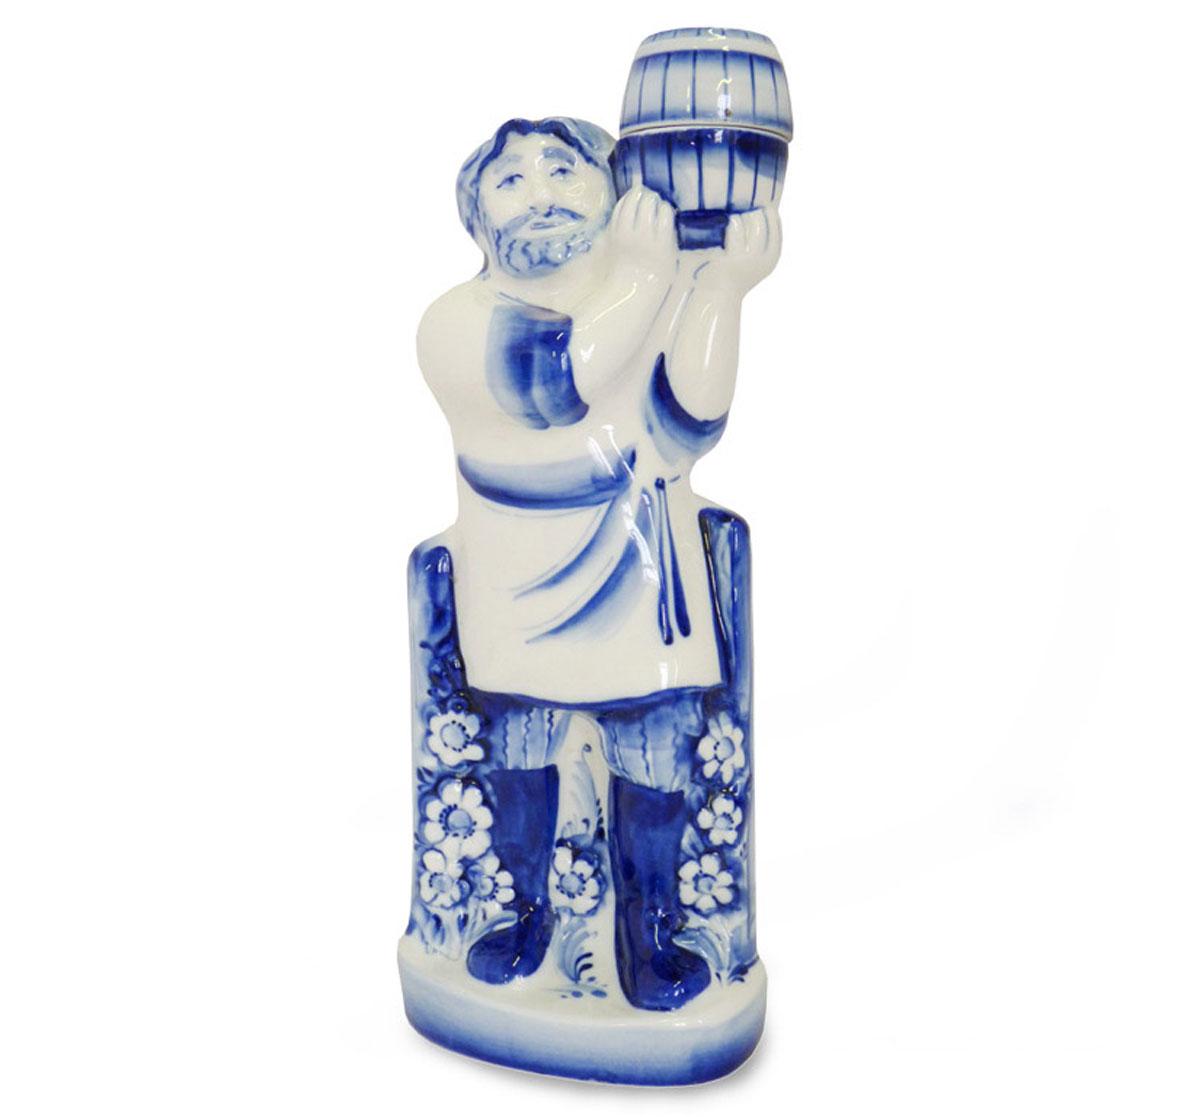 Штоф Пасечник, цвет: белый, синий, 1 лVT-1520(SR)Штоф Пасечник изготовлен из высококачественной керамики и предназначен для подачи виски или бренди. Изделие выполнено в виде мужчины с бочонком на плече и оформлено оригинальной росписью в технике гжель.Штоф Пасечник прекрасно оформит интерьер кабинета или гостиной, а также станет прекрасным украшением стола. Уважаемые клиенты! Обращаем ваше внимание, что роспись на изделие сделана вручную. Рисунок может немного отличаться от изображения на фотографии. Высота (с учетом крышки): 30 см. Размер штофа без учета крышки: 12 х 9 х 29 см. Диаметр горлышка: 1,7 см.